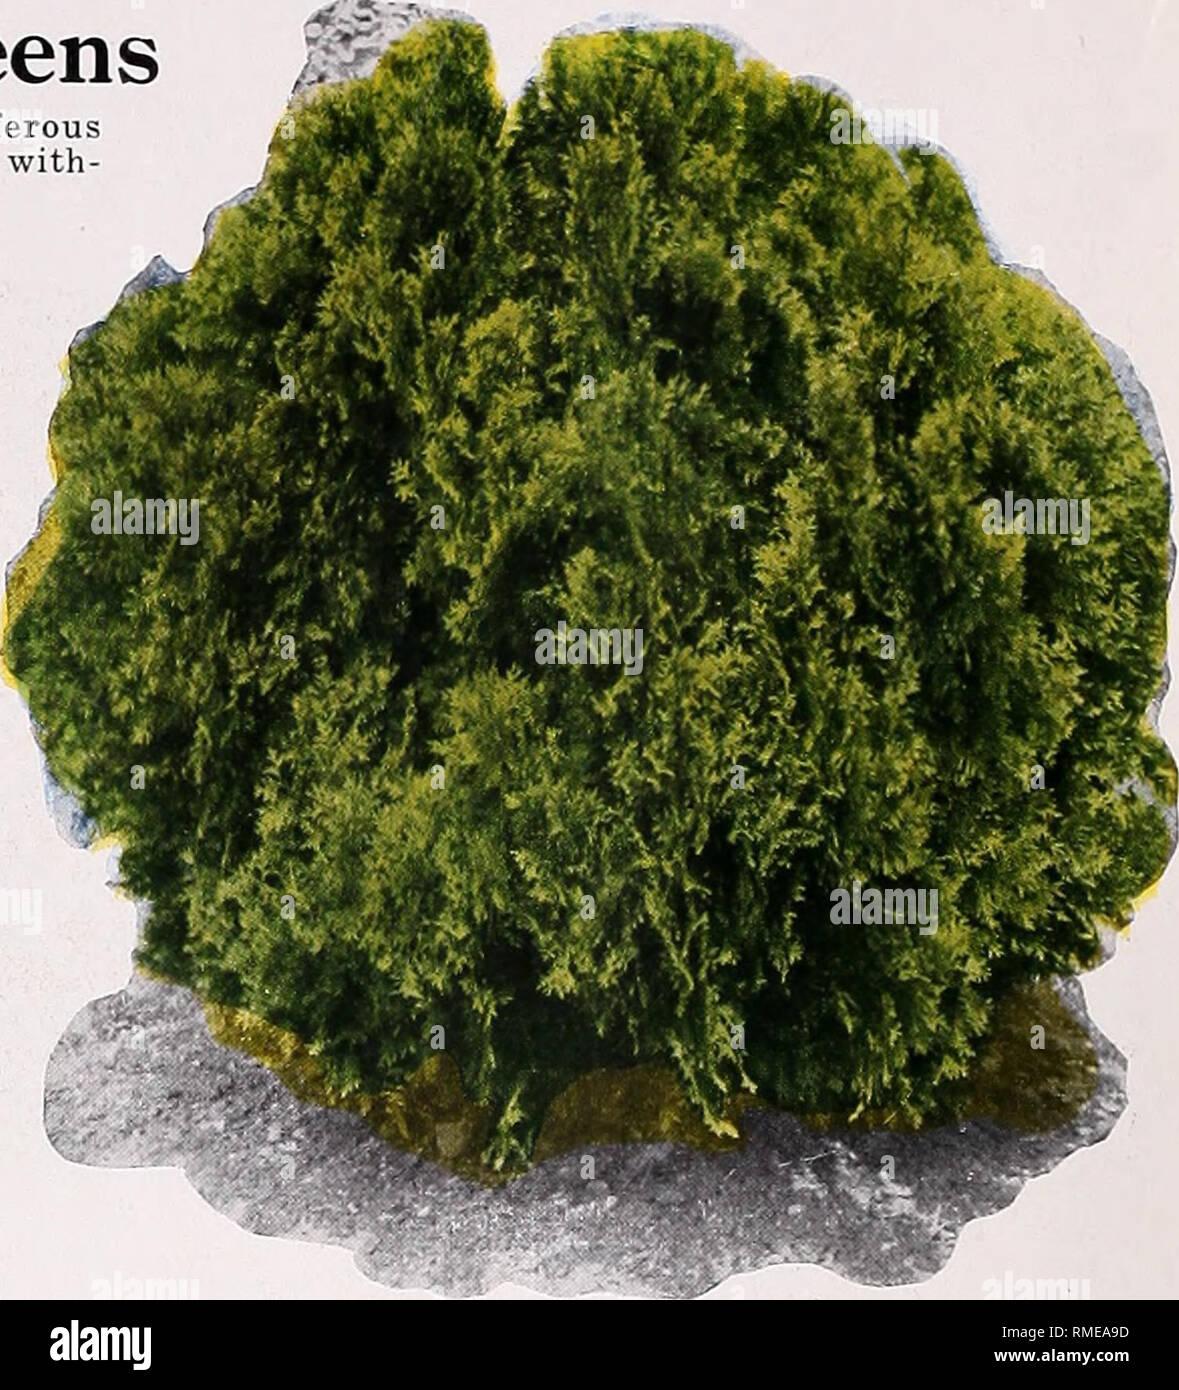 Tipi Di Piante Sempreverdi catalogo annuale : alta qualità alberi, arbusti sempreverdi